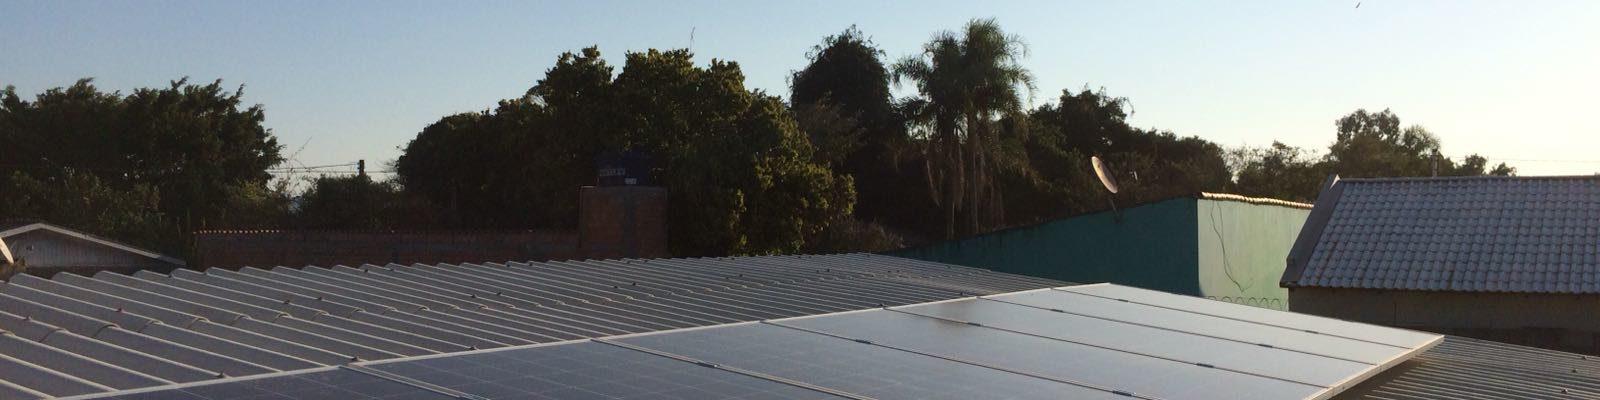 Sistema fotovoltaico em Guaíba - Elysia Energia Solar Rio Grande do Sul